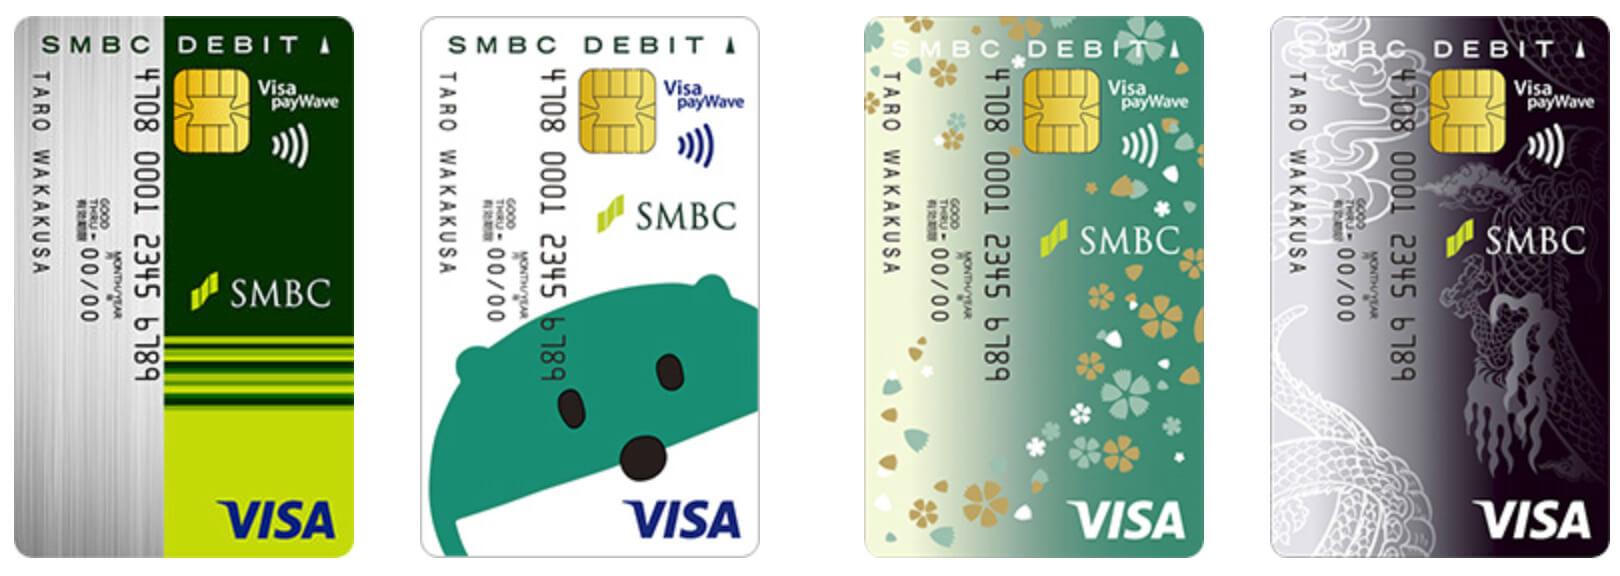 SMBCデビットの券面デザイン4種